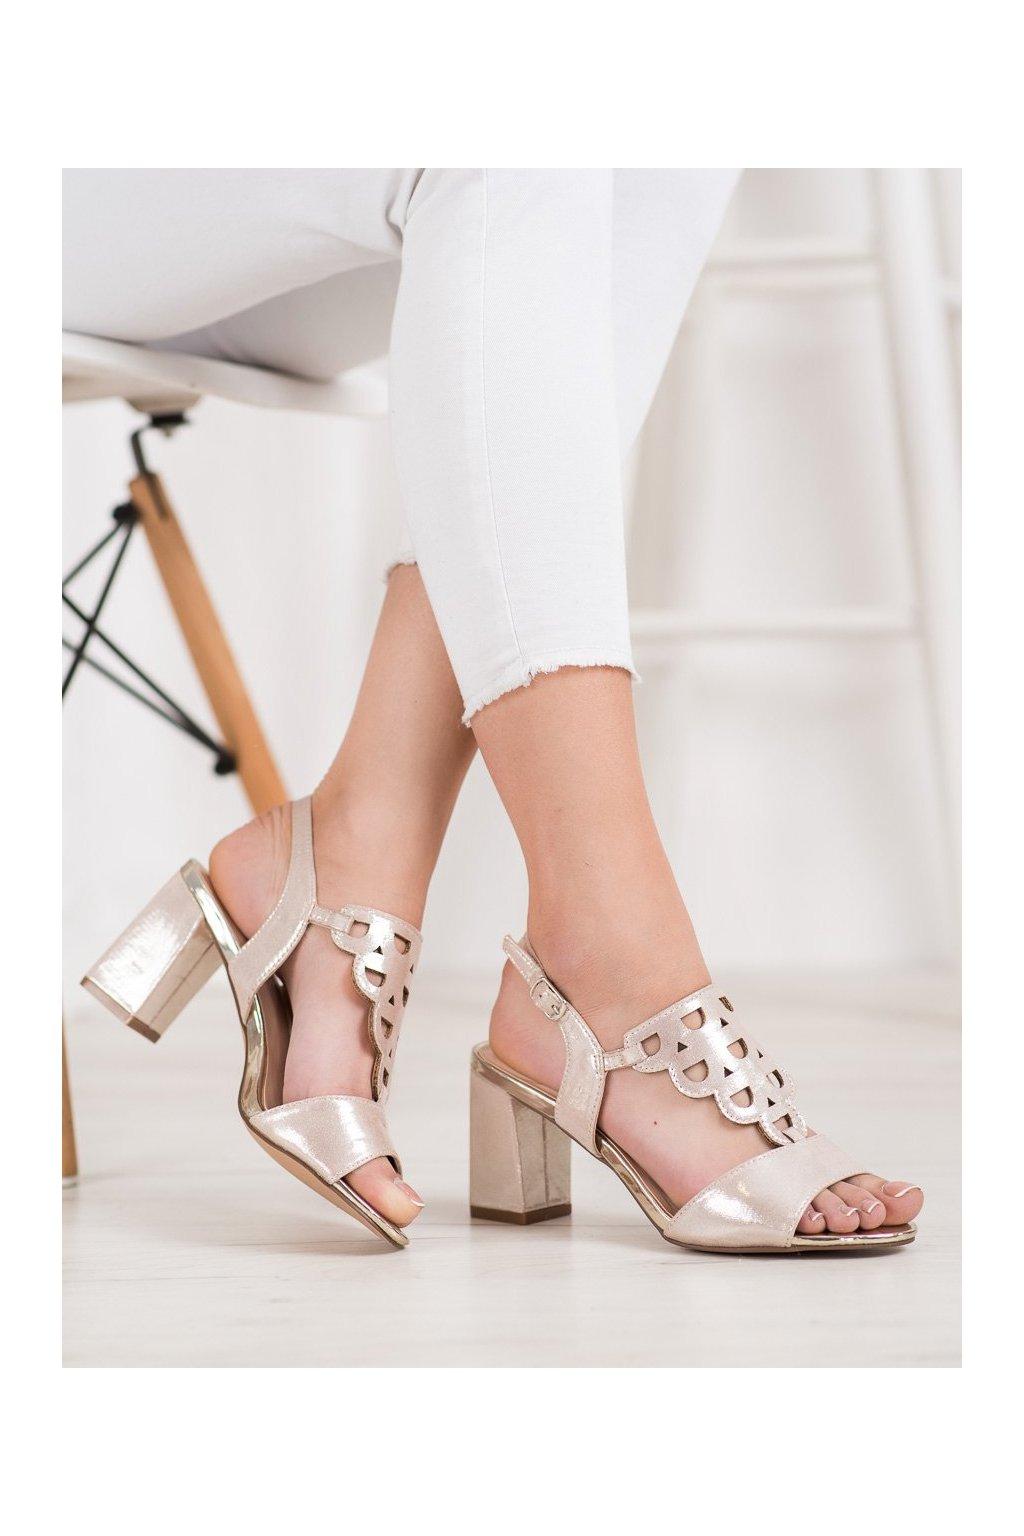 Zlaté sandále na podpätku Vinceza kod YQE20-17080GO